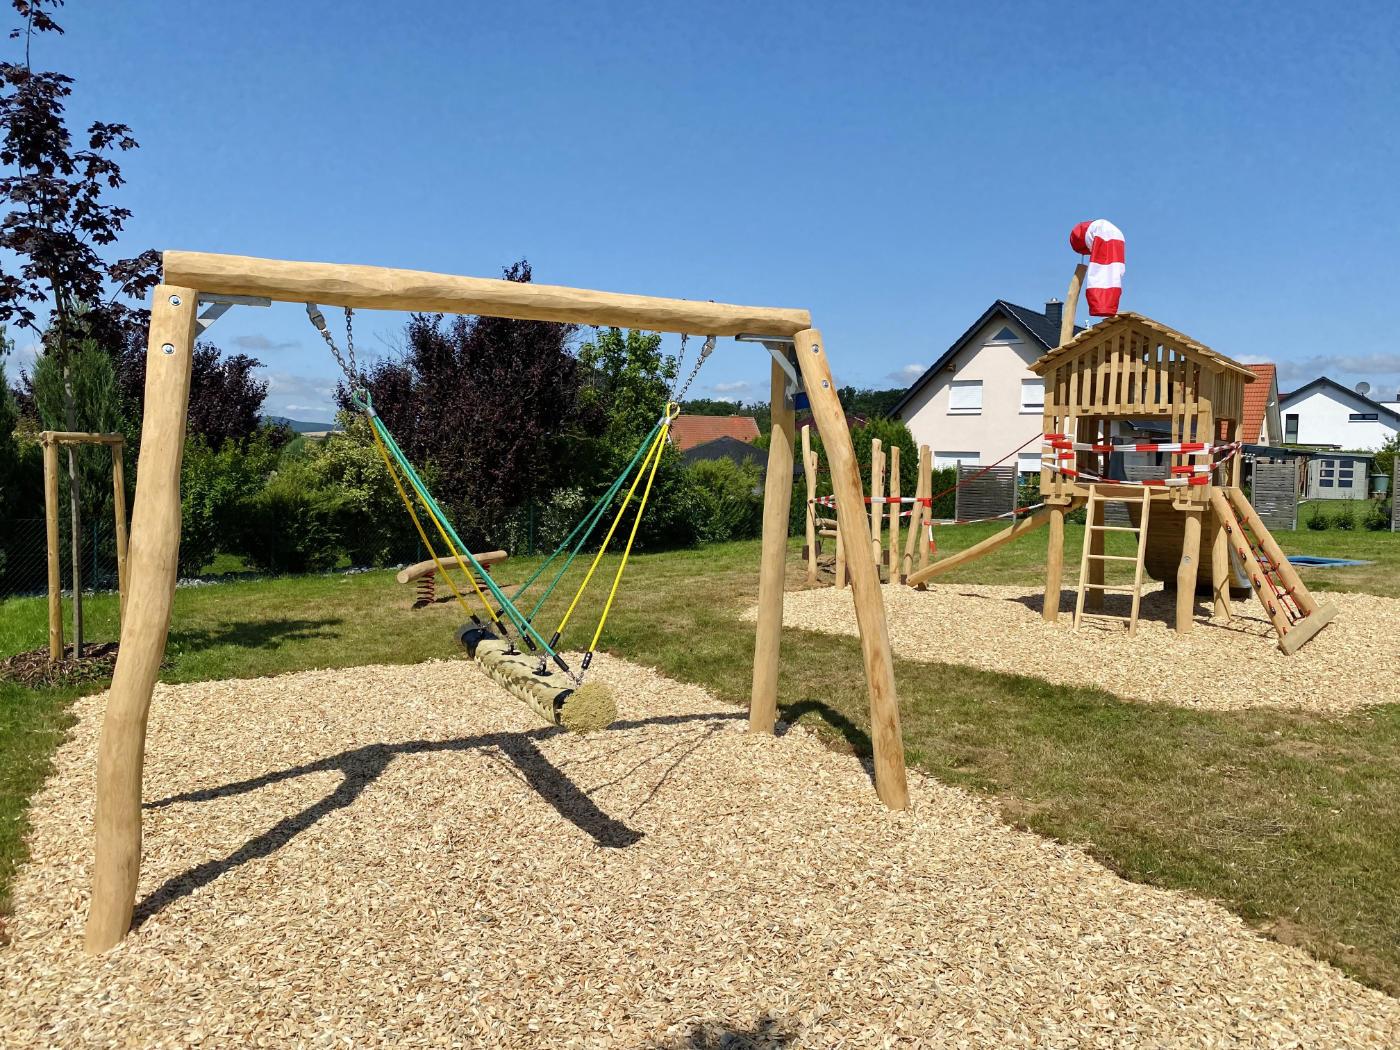 Spielplatz An der Reeke ehrenamtlich errichtet